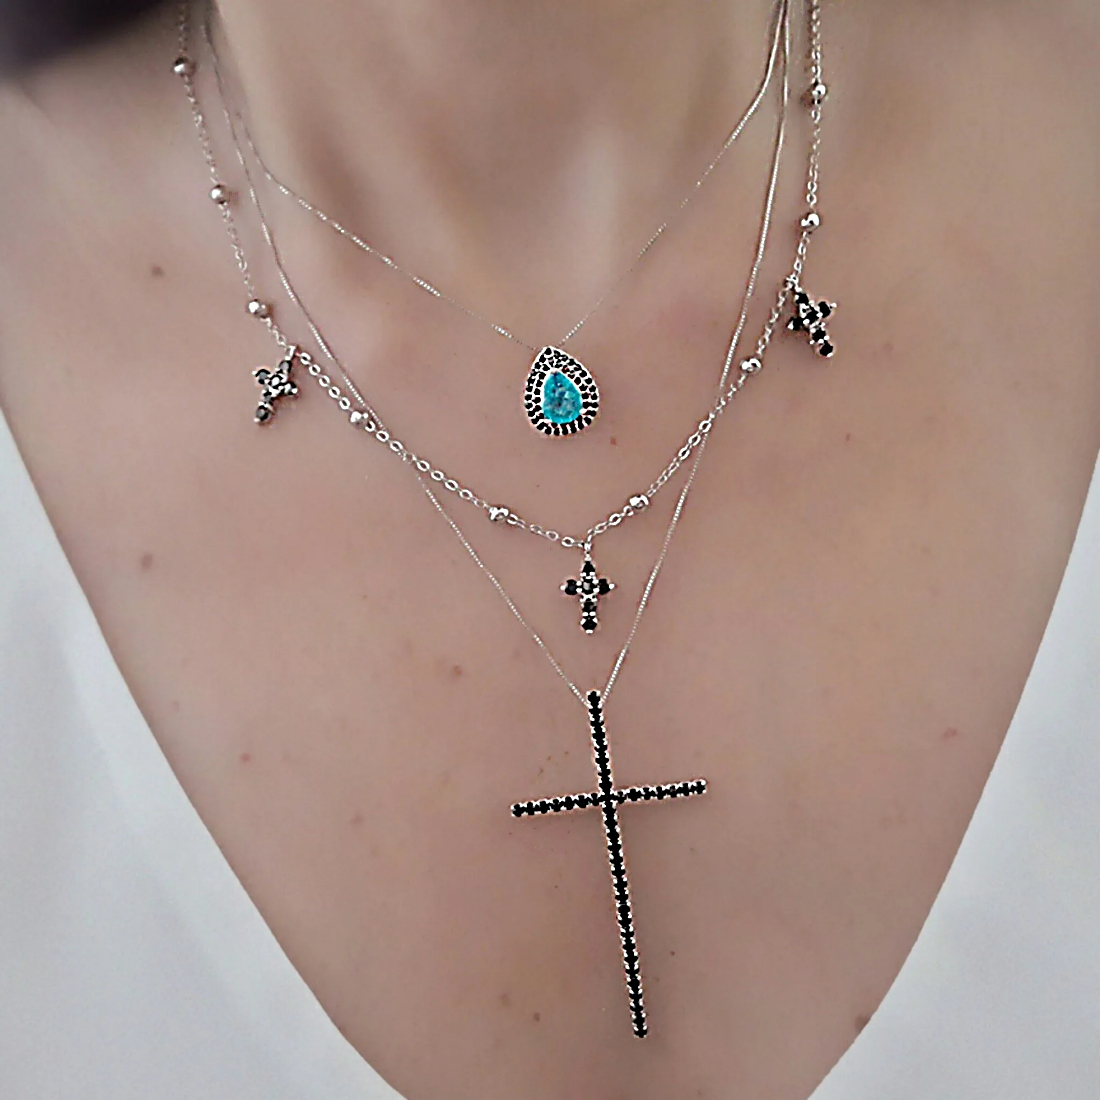 Colar Crucifixo Preto da Moda Zircônia Semijoia Ródio Branco  - Soloyou